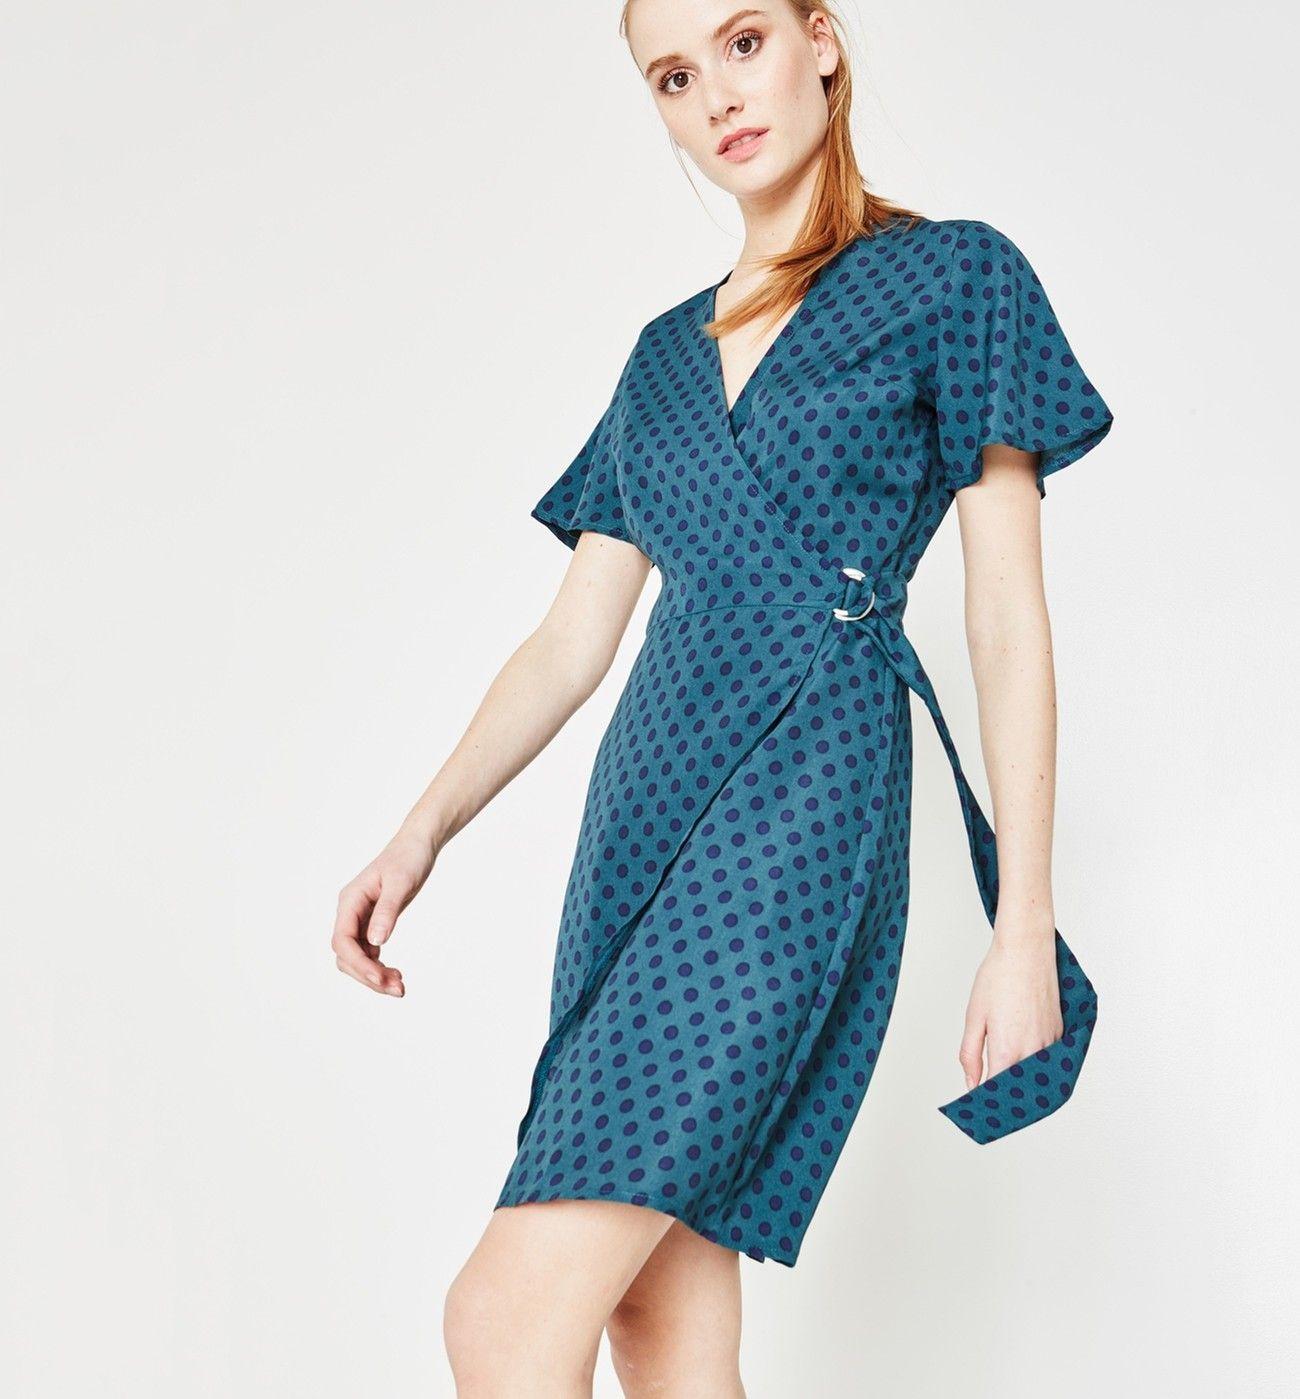 56a12d89f28c2 Robe portefeuille Femme - Imprimé vert émeraude - Robes - Femme - Promod